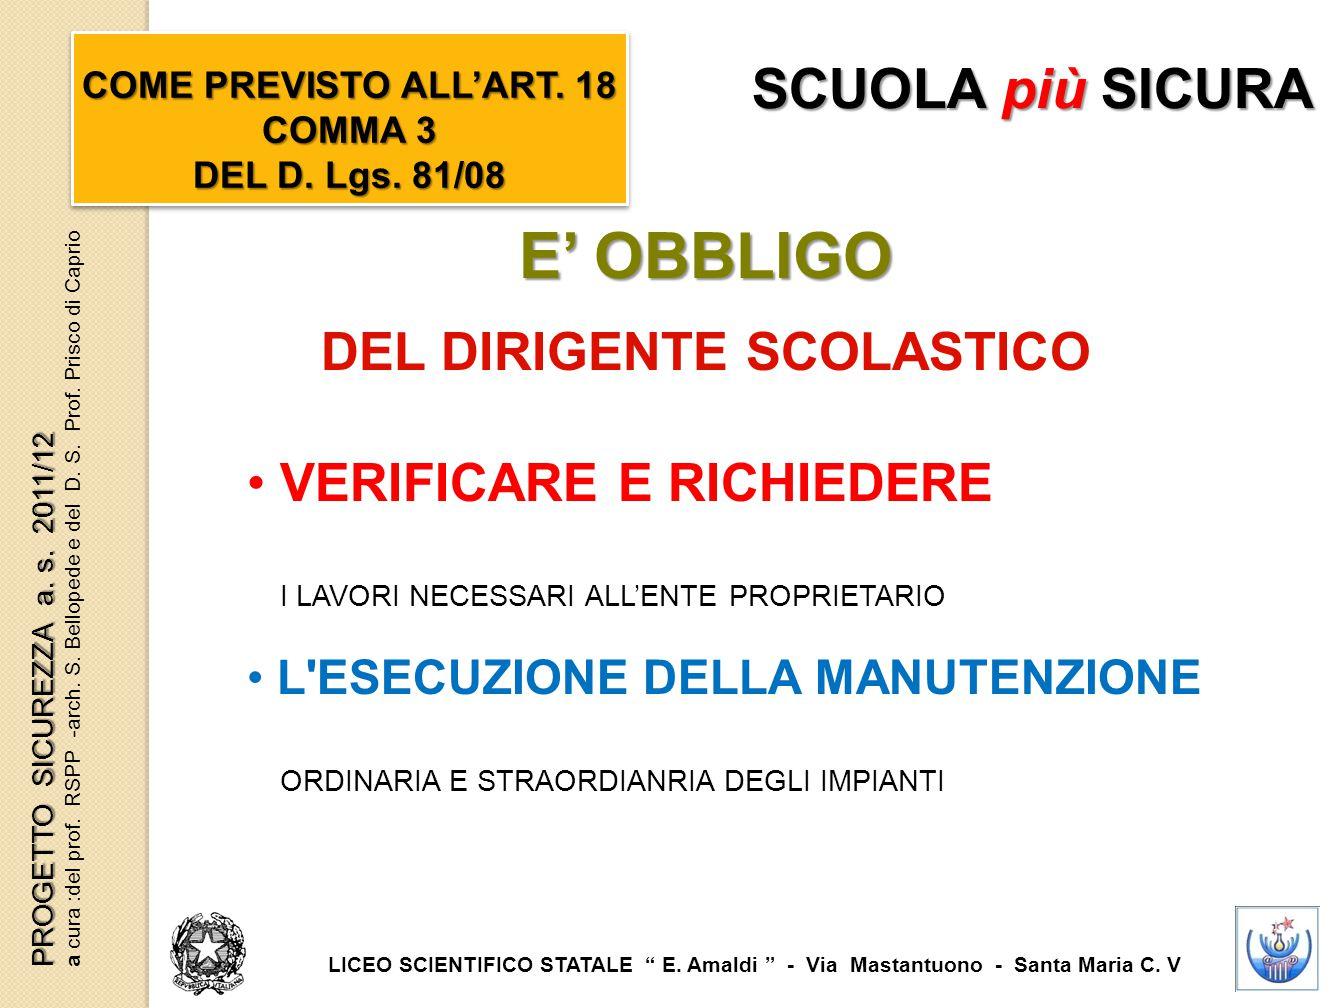 COME PREVISTO ALL'ART. 18 COMMA 3 DEL DIRIGENTE SCOLASTICO